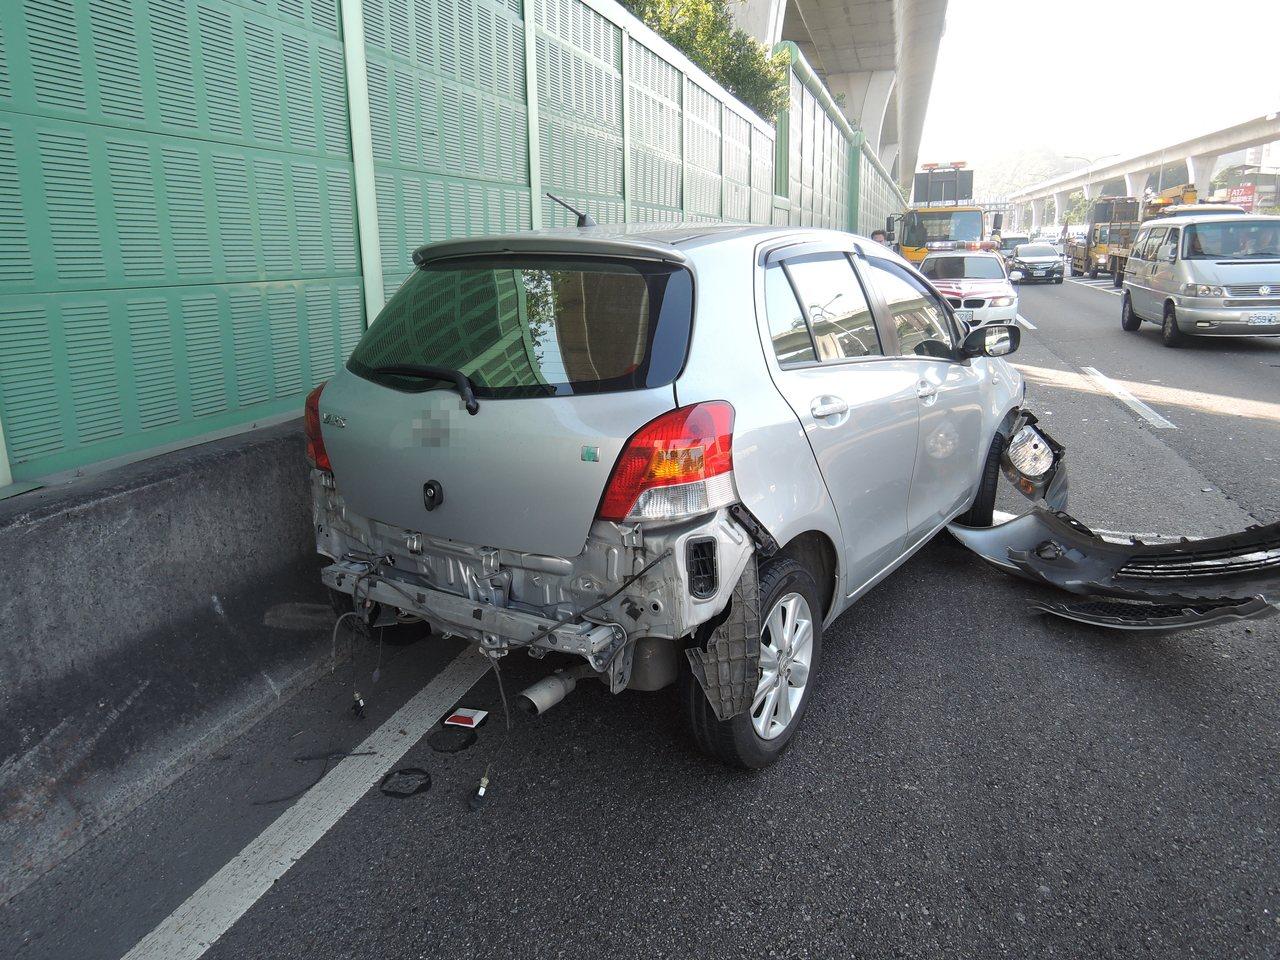 銀色轎車撞爛,57歲張姓駕駛胸骨斷裂全身擦挫傷被送醫。記者林昭彰/翻攝